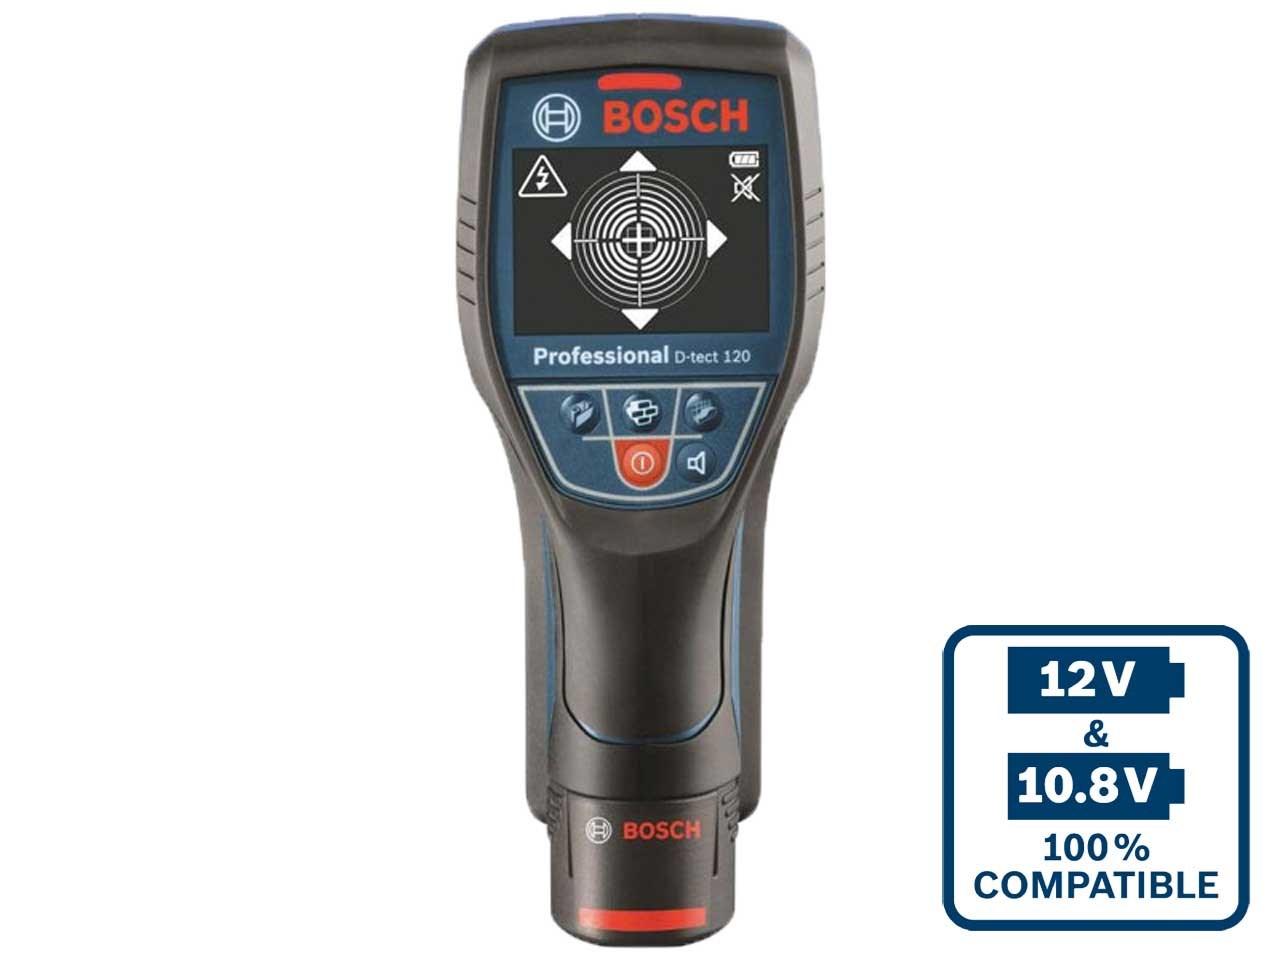 Bosch DTECT120 12v 1 x 1 5Ah Li-Ion Radar Wall Scanner